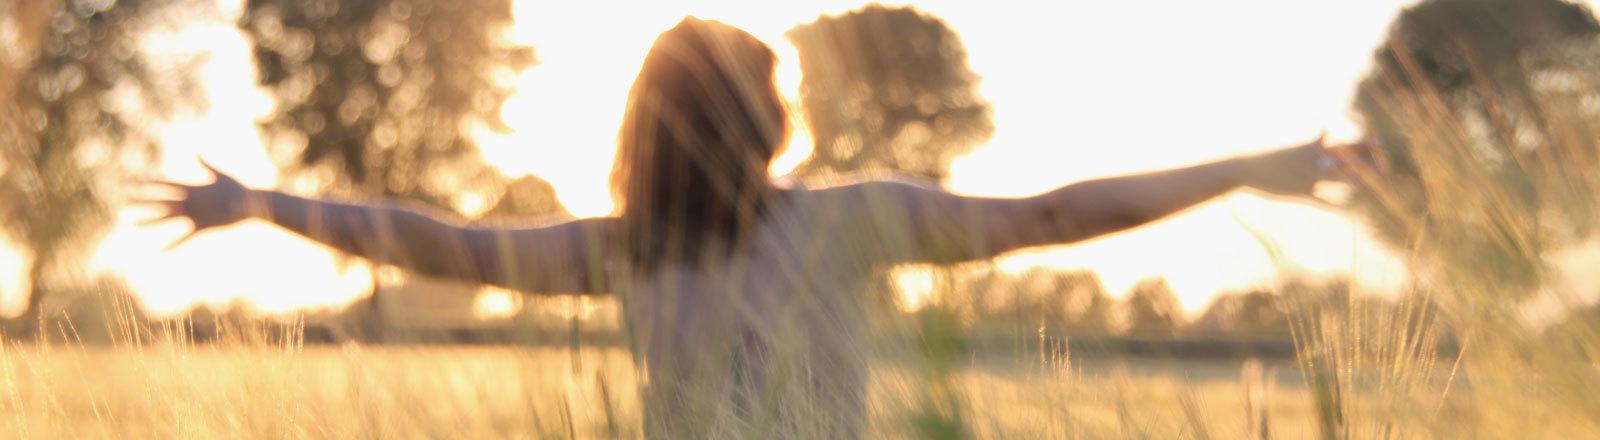 Frau im Sommer auf einer Wiese im Sonnenuntergang